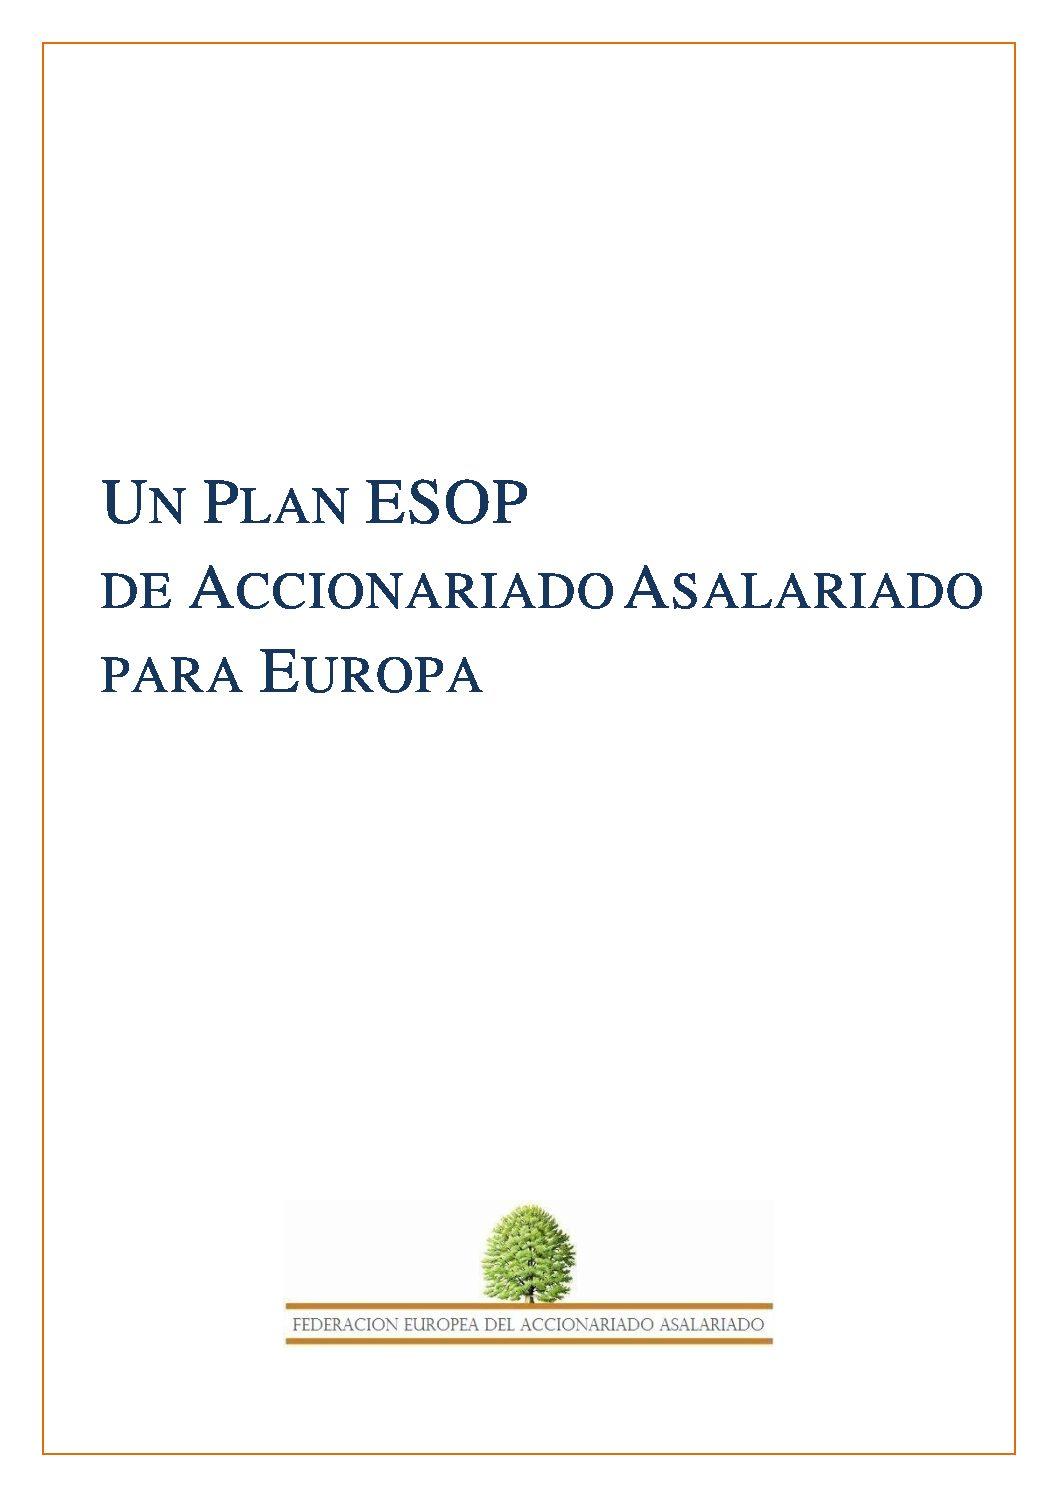 Un Plan ESOP de Accionario Asalariado para Europa